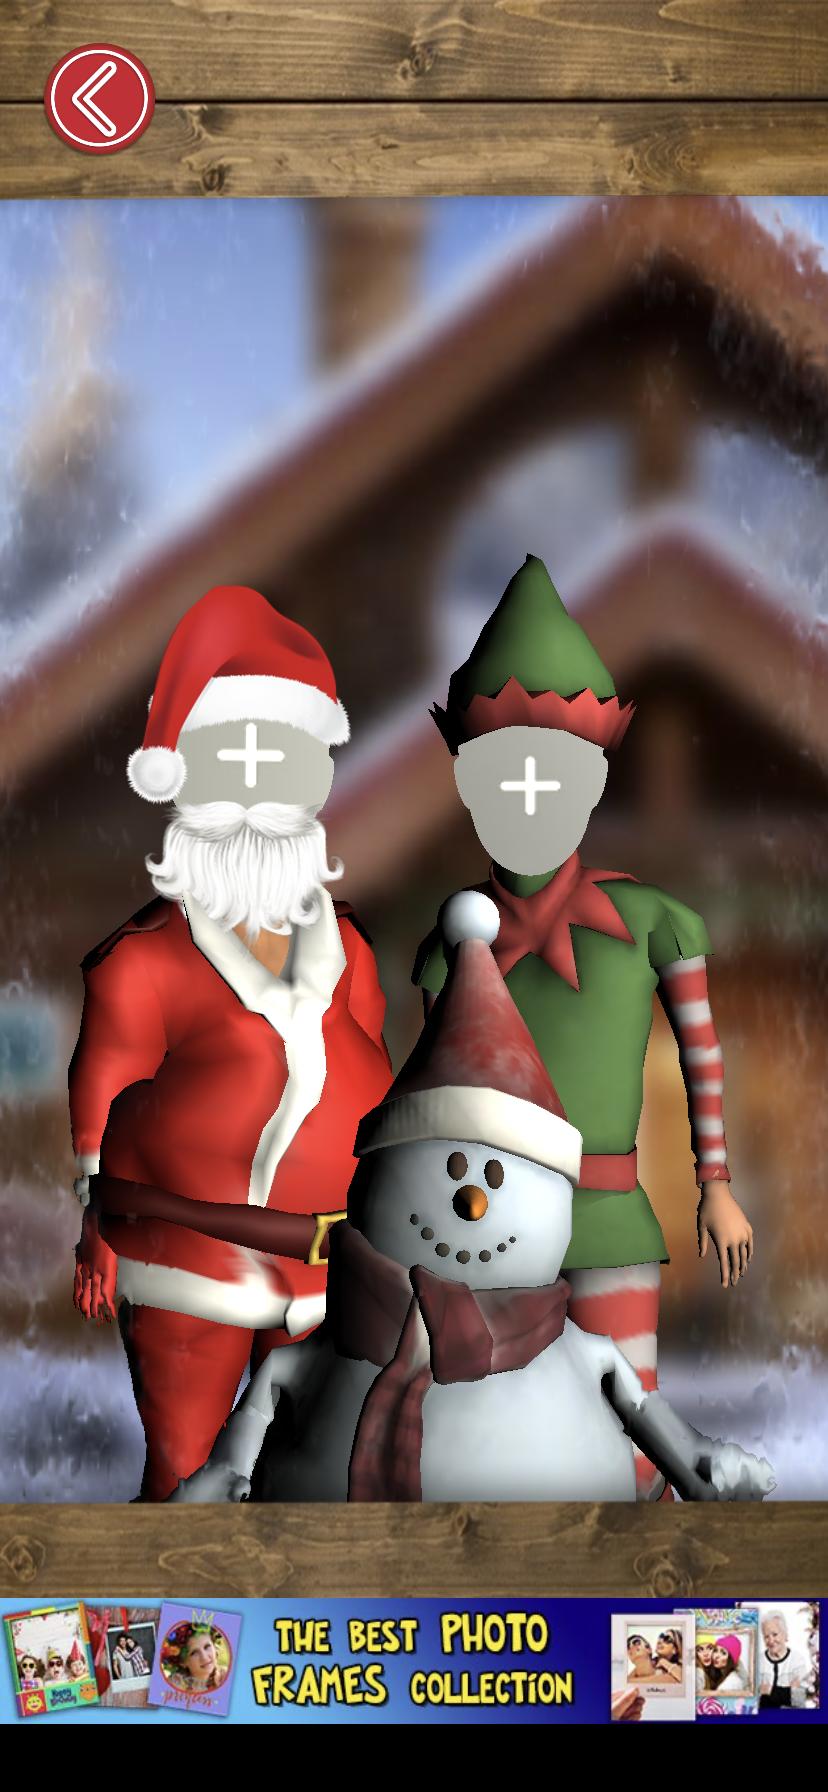 Aplicación de baile navideño